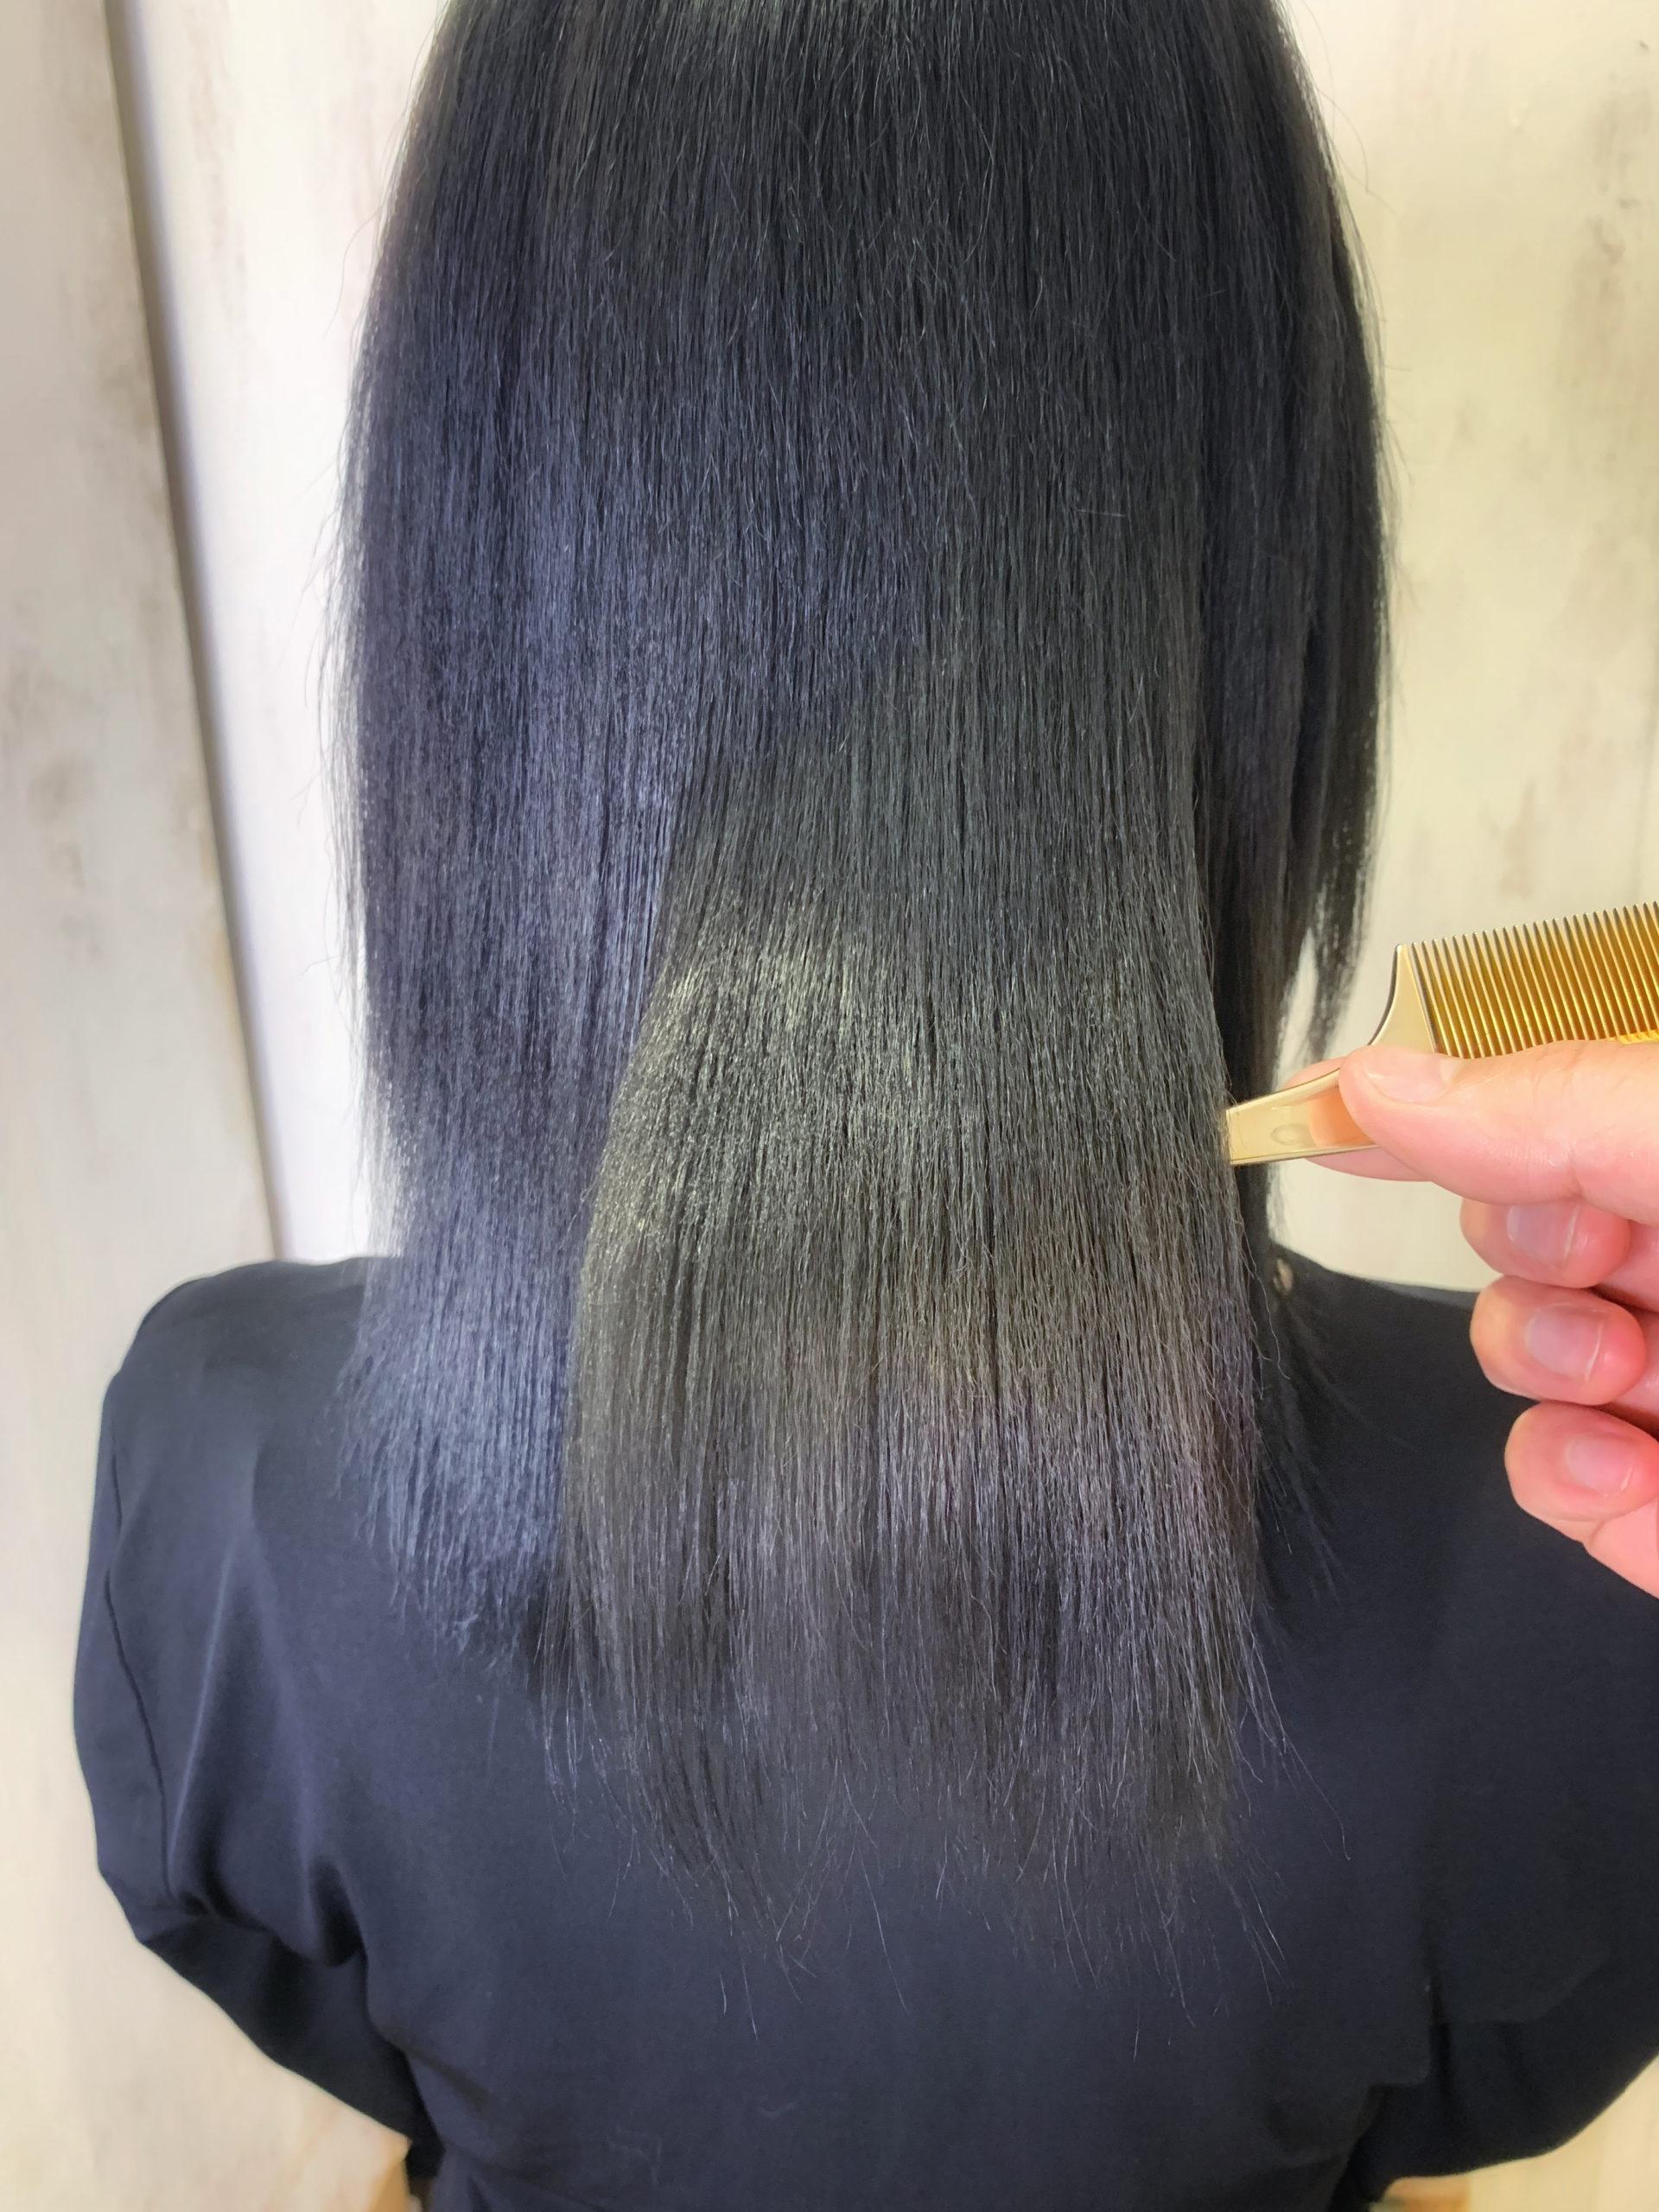 縮毛矯正で髪がチリチリに。。【ビビリ矯正】で直します。原宿・表参道『髪のお悩みを解決するヘアケア美容師の挑戦』